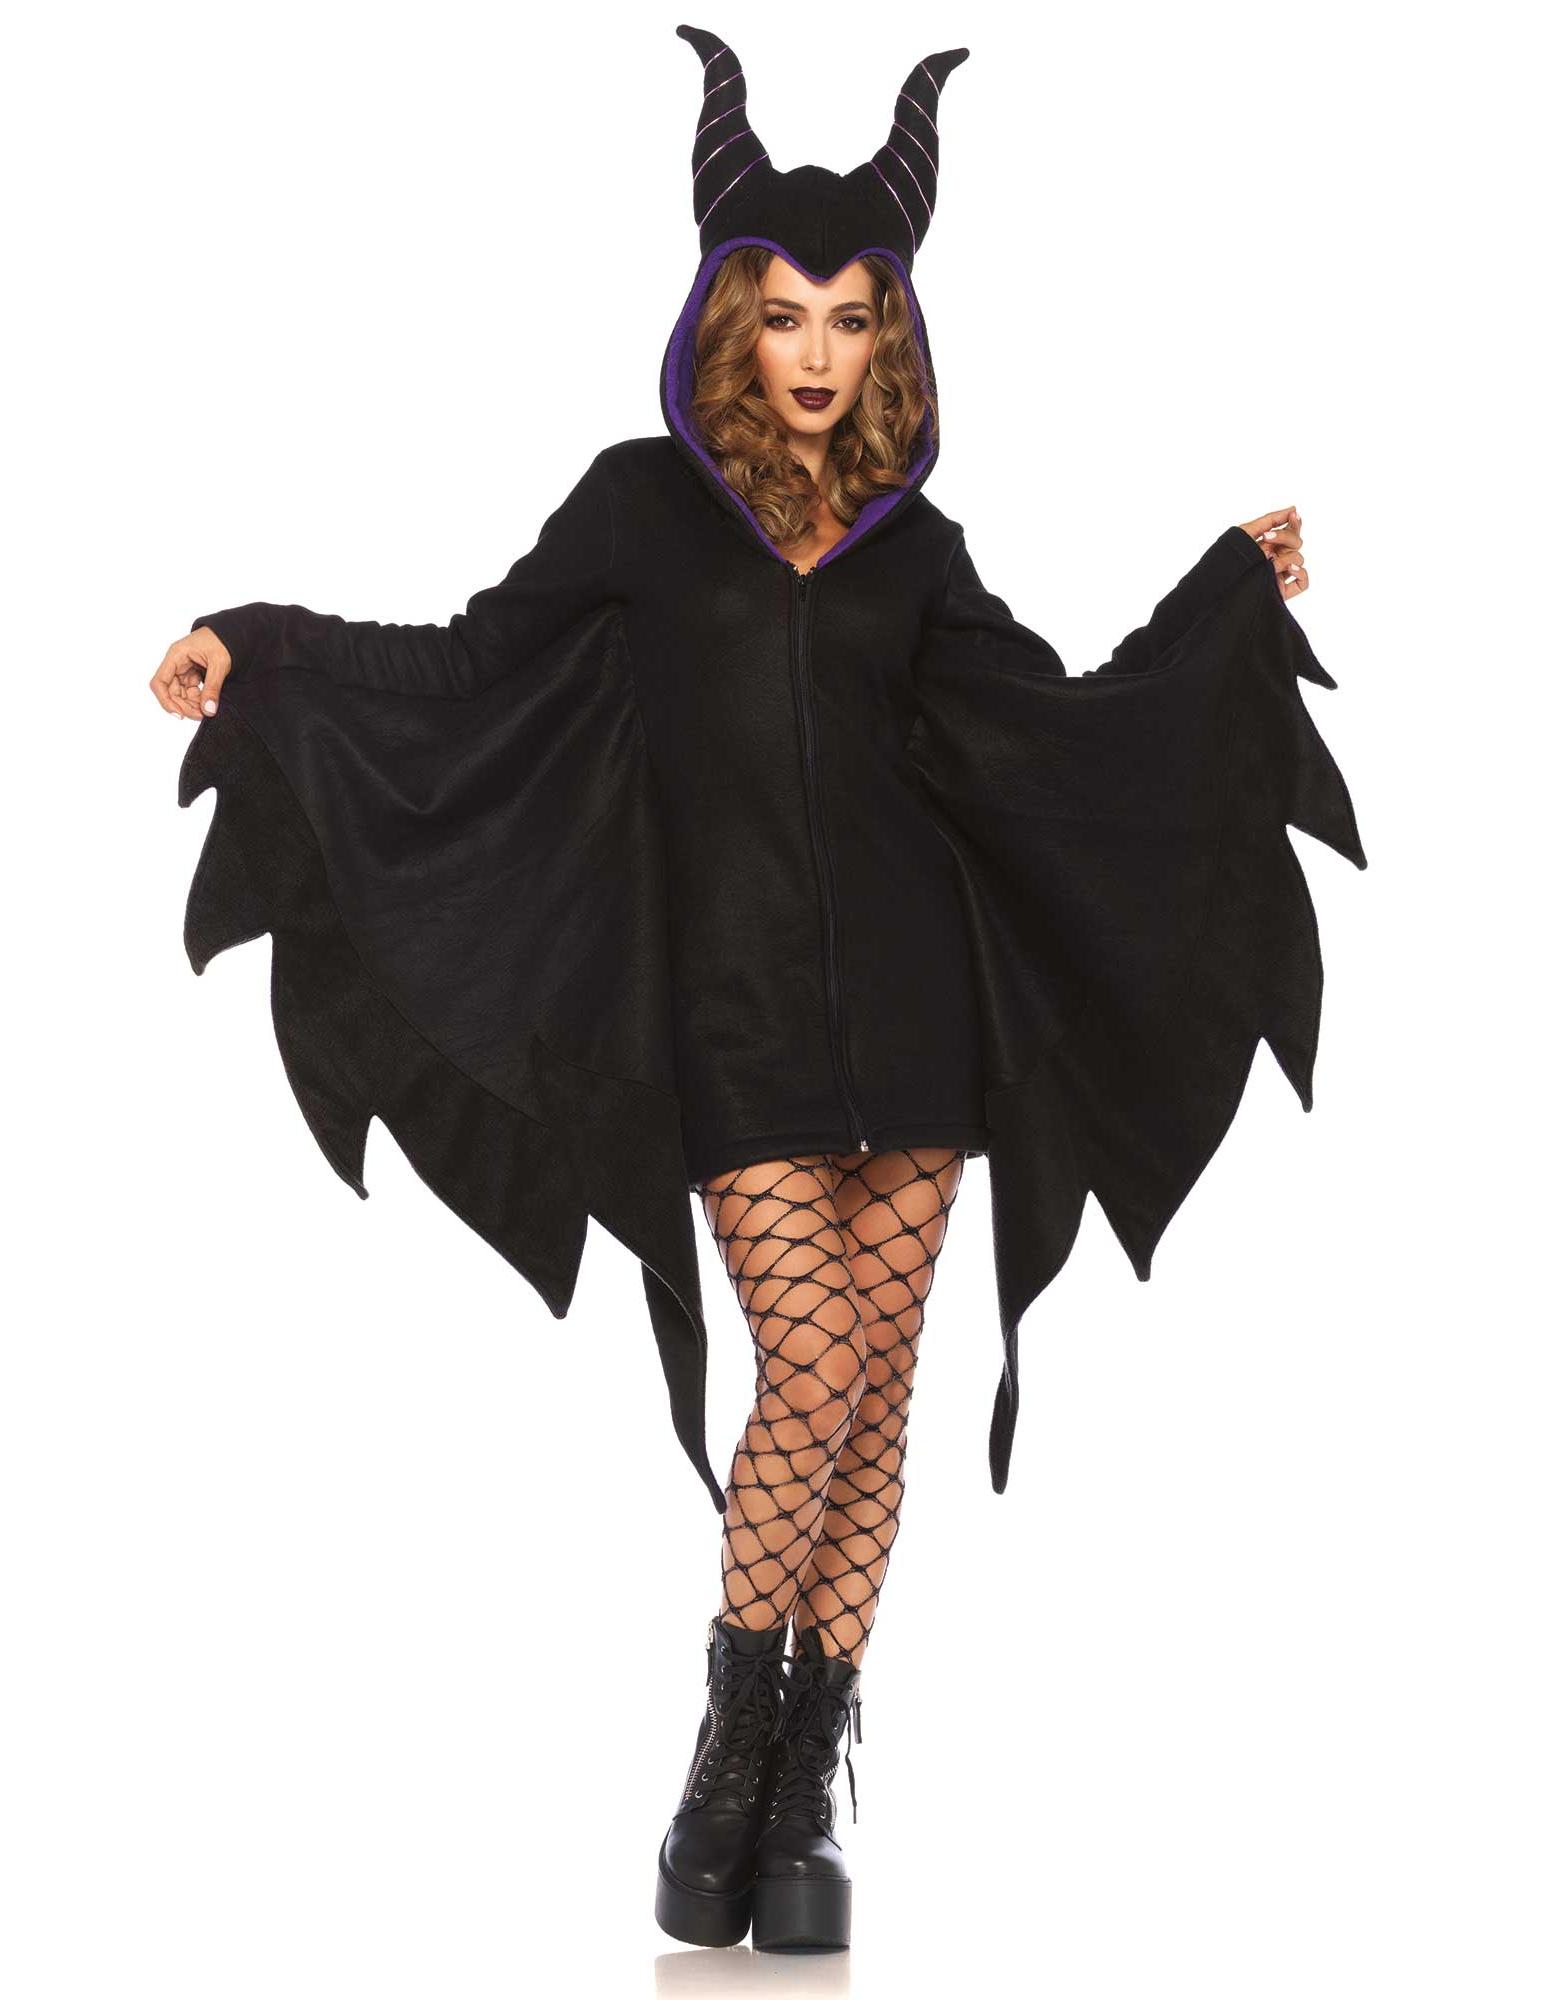 463bb61771ef0 Fledermaus-Umhang Halloween-Damenkostüm schwarz-lila